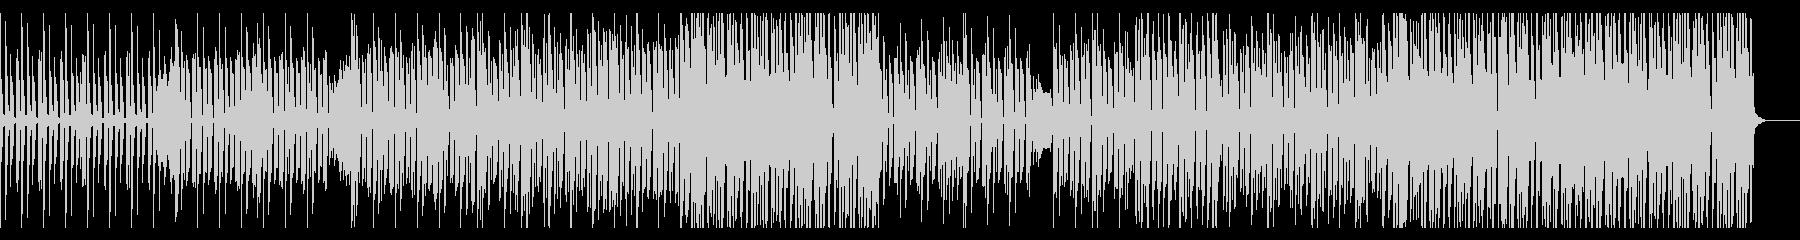 ファンキーなダンスミュージックBGMの未再生の波形